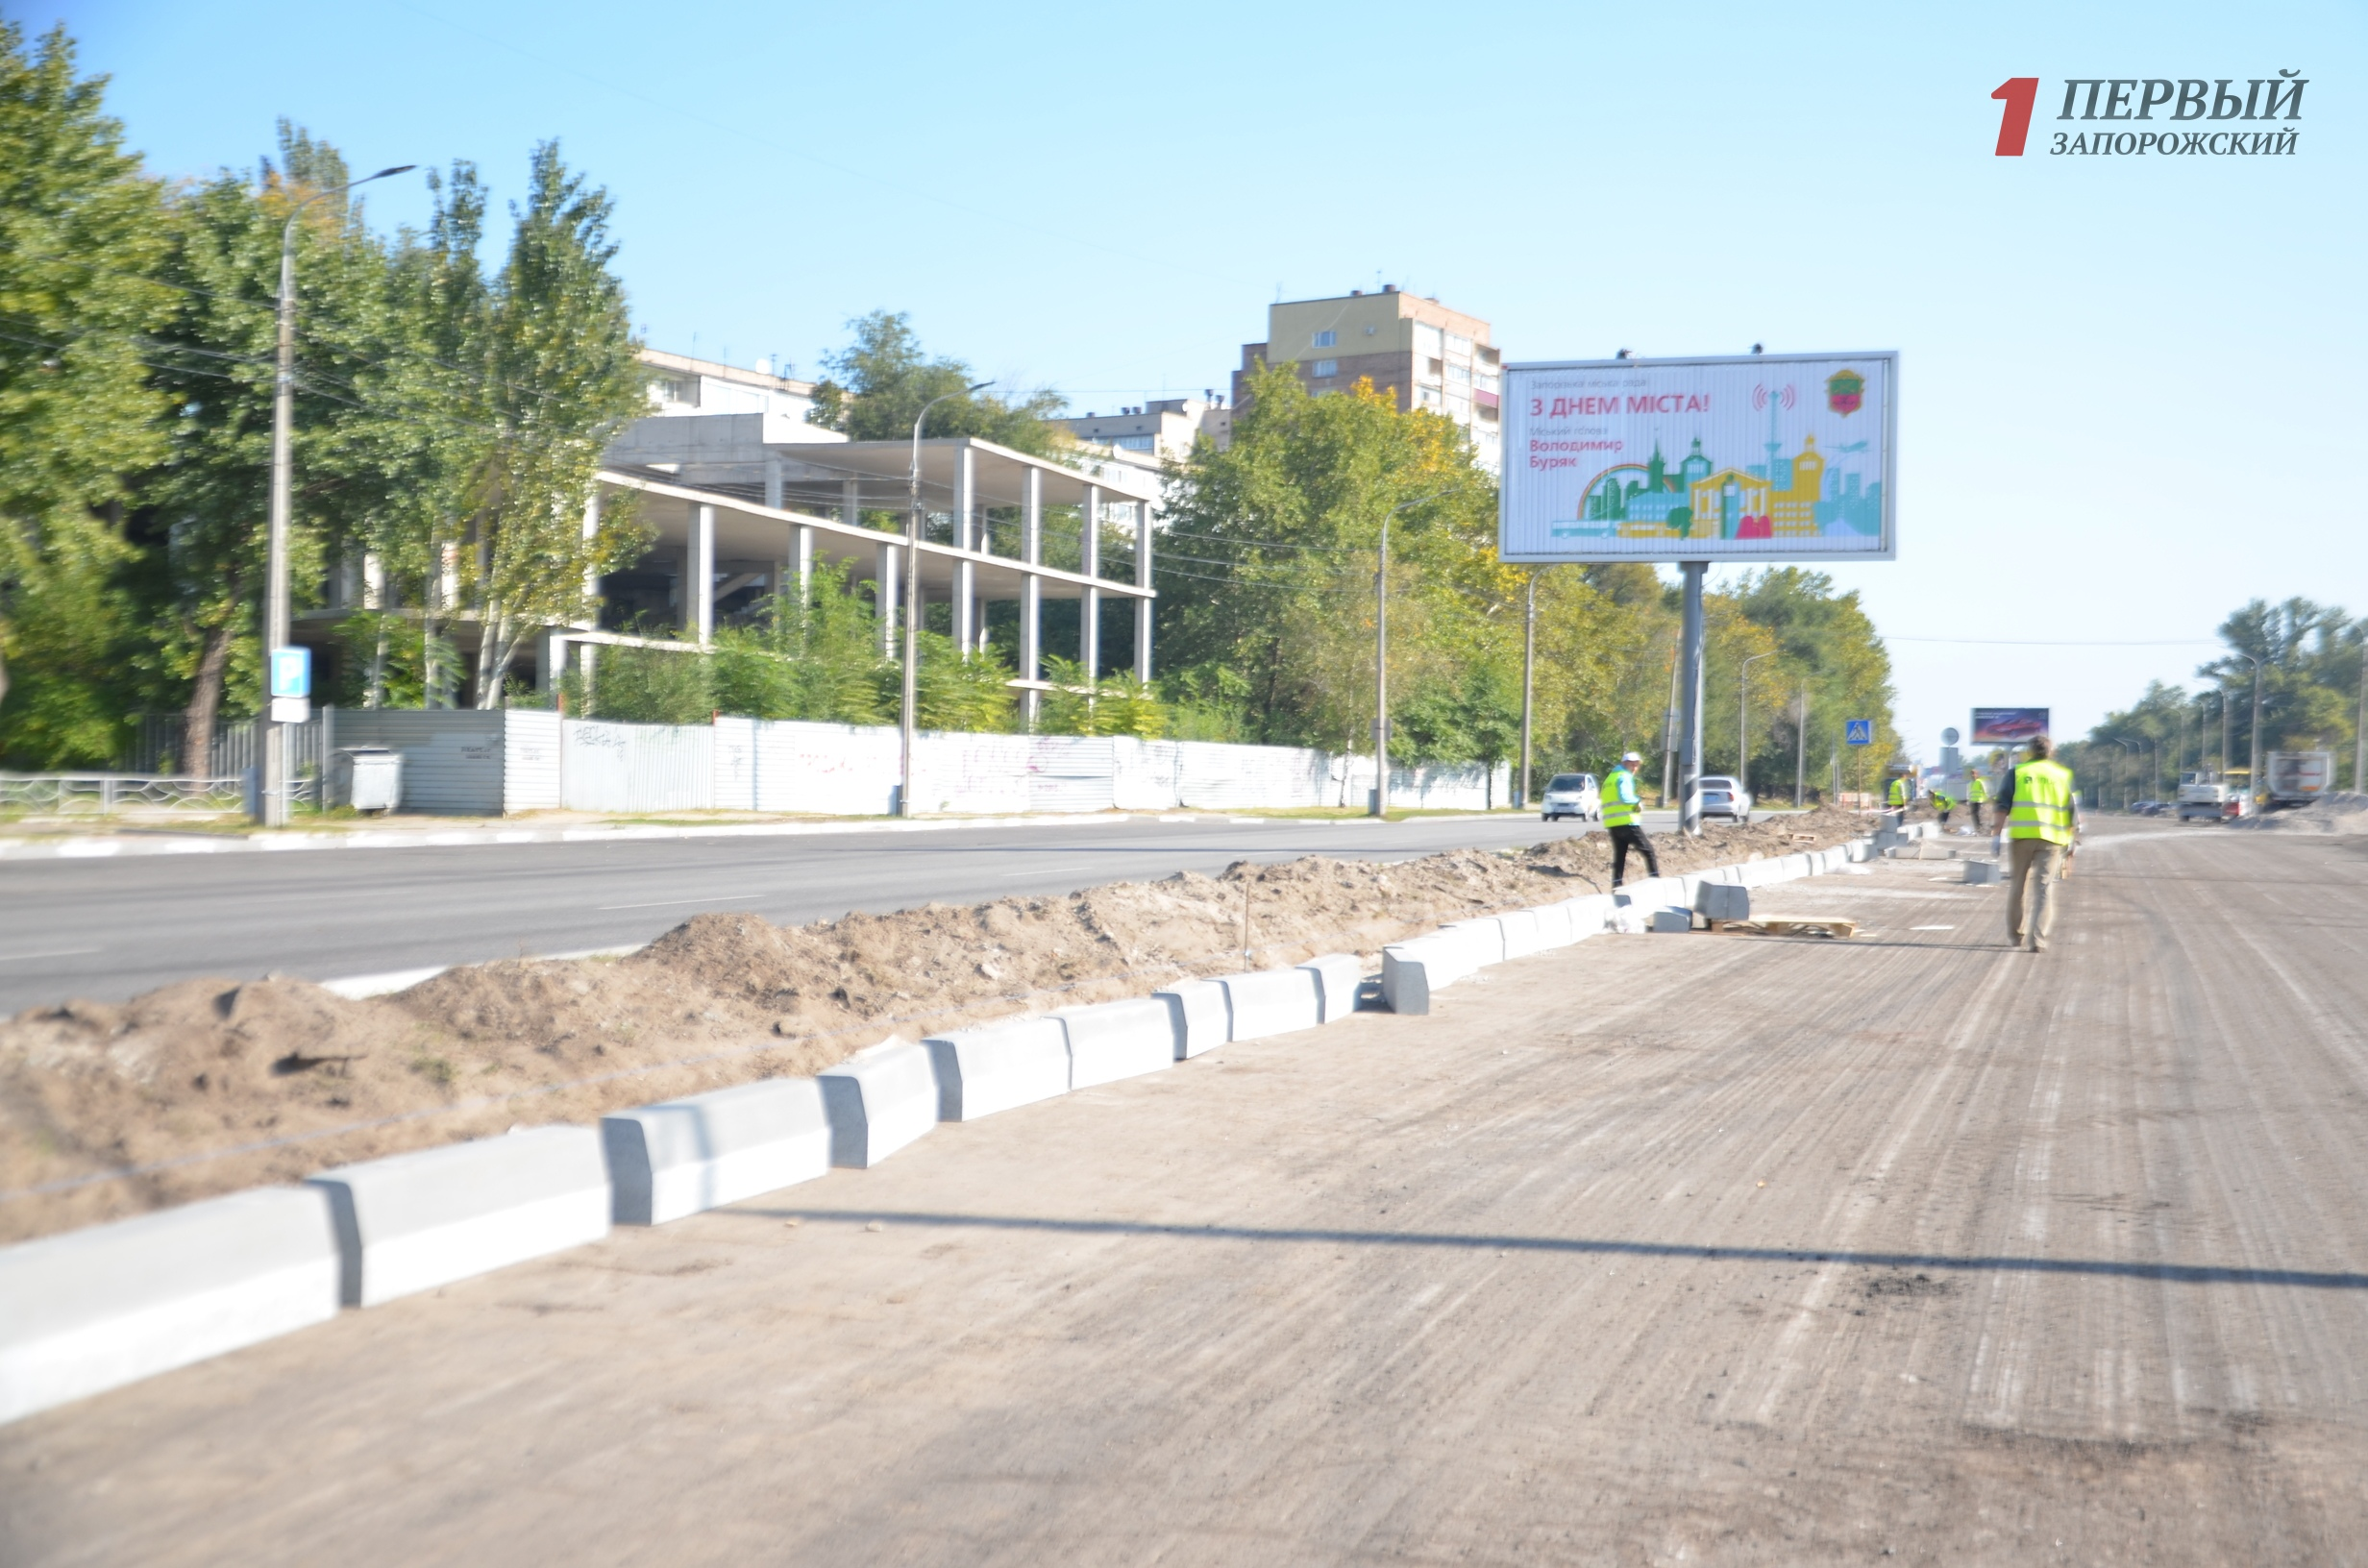 В Запорожье турки активно ремонтируют дорогу на Набережной магистрали за 20 миллионов гривен - ФОТО